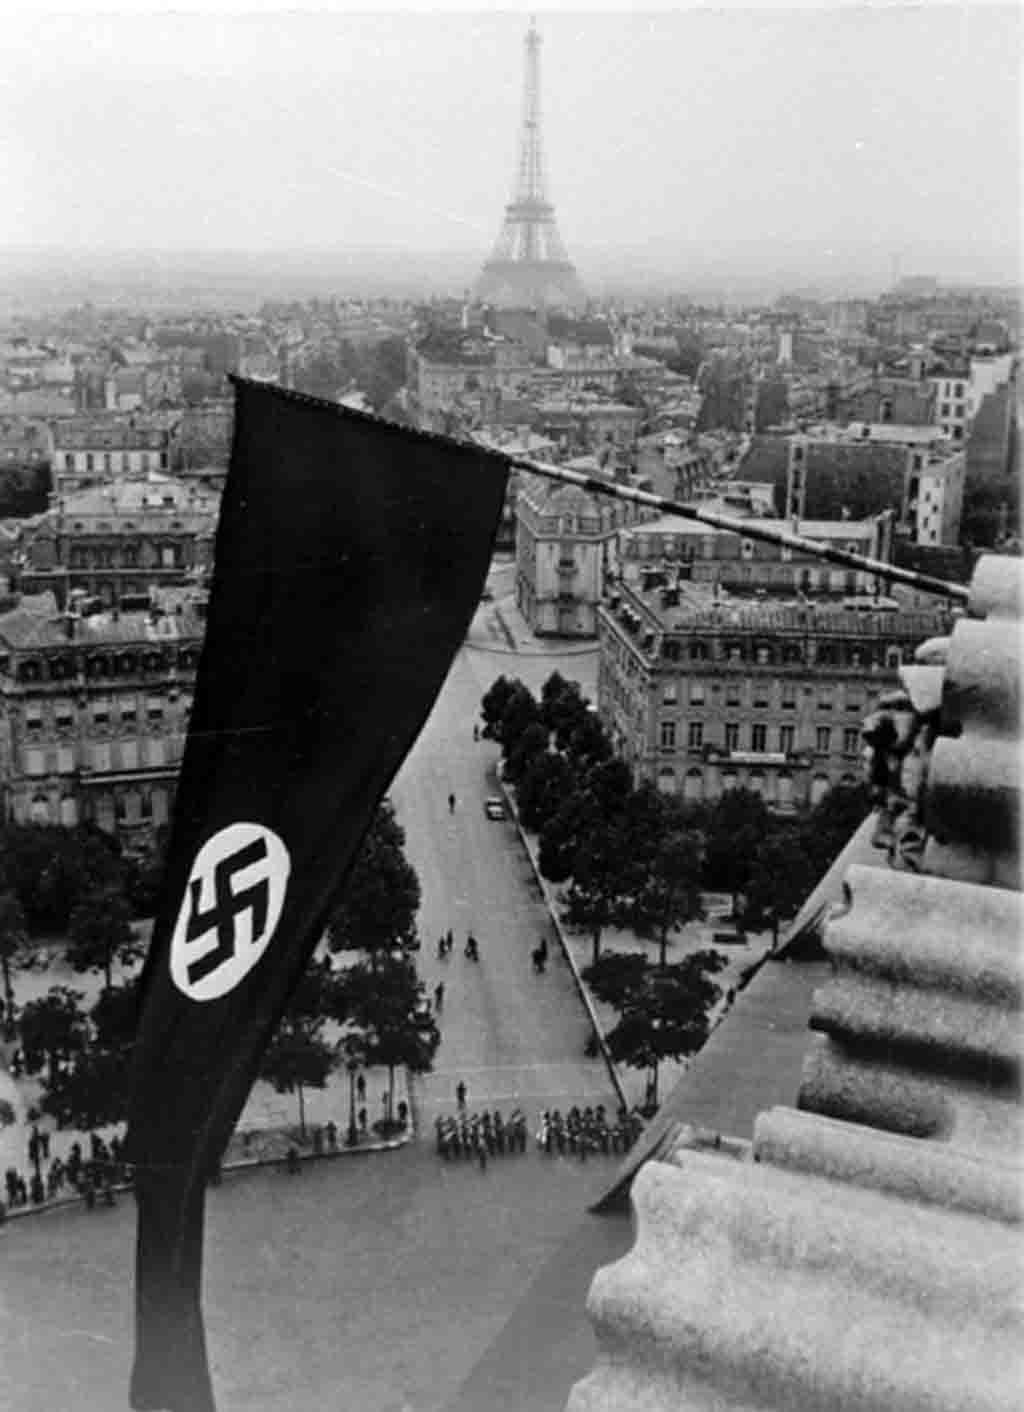 natzi flag